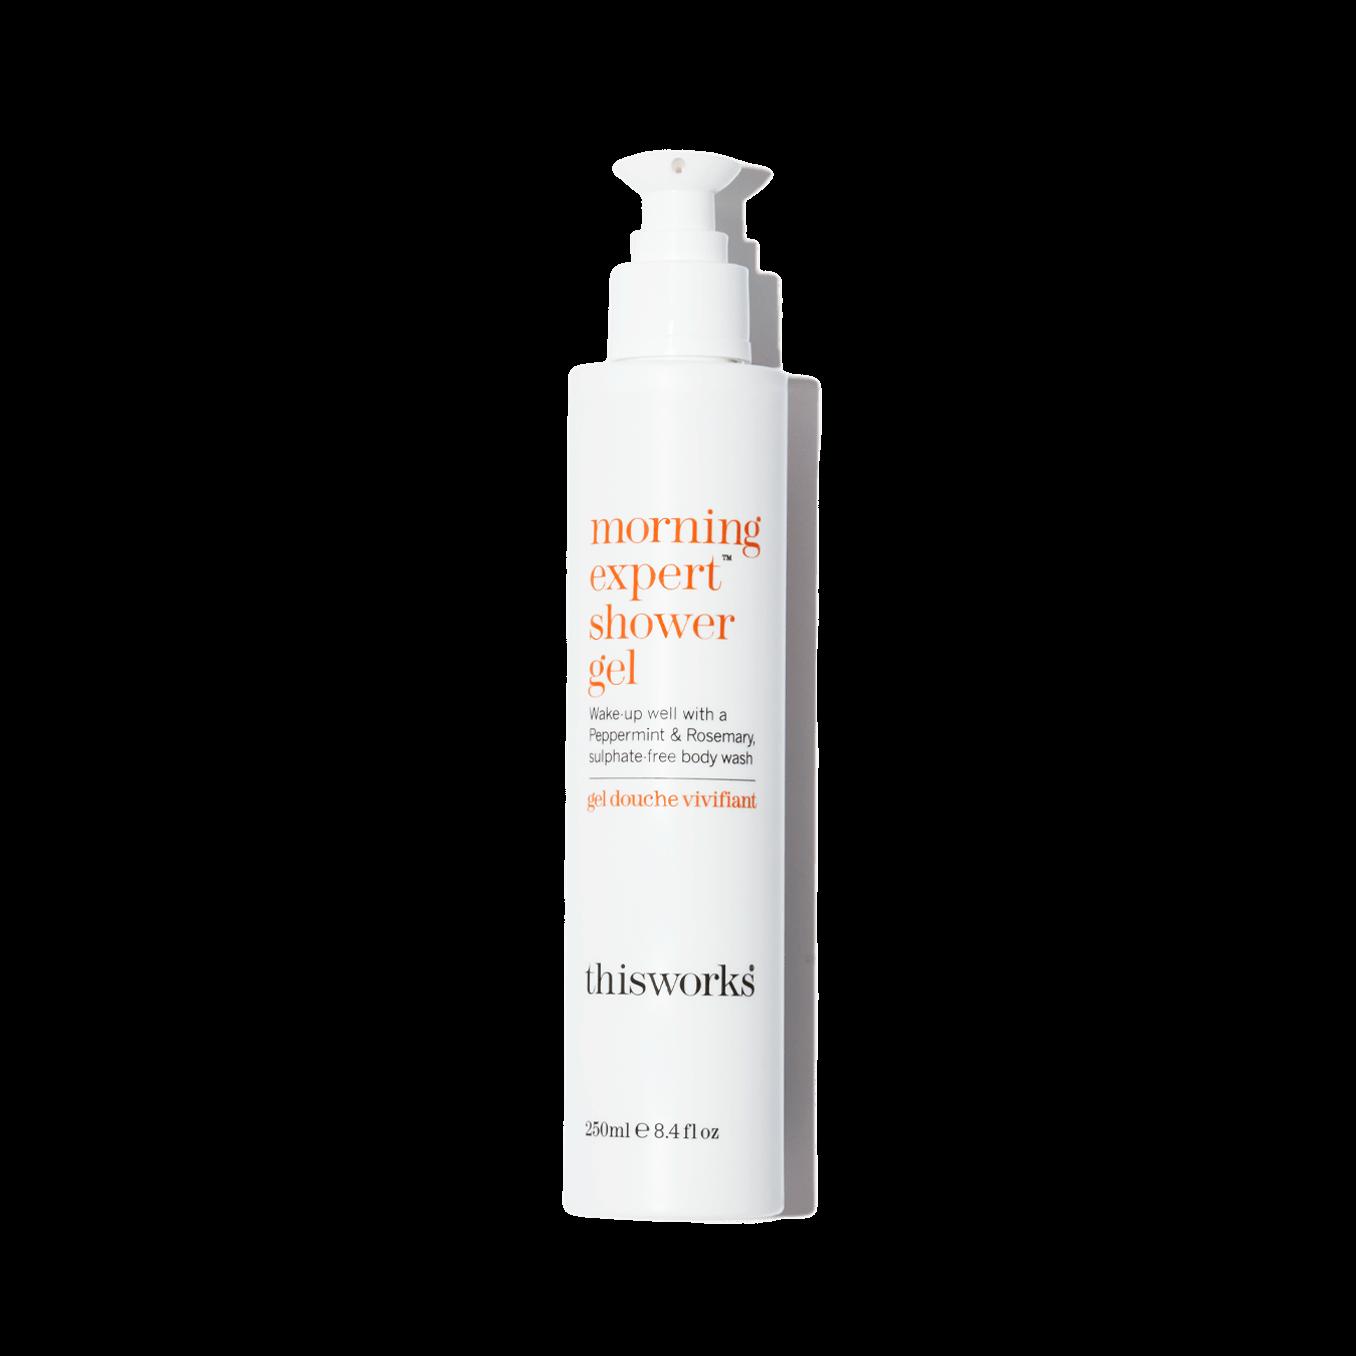 morning expert shower gel